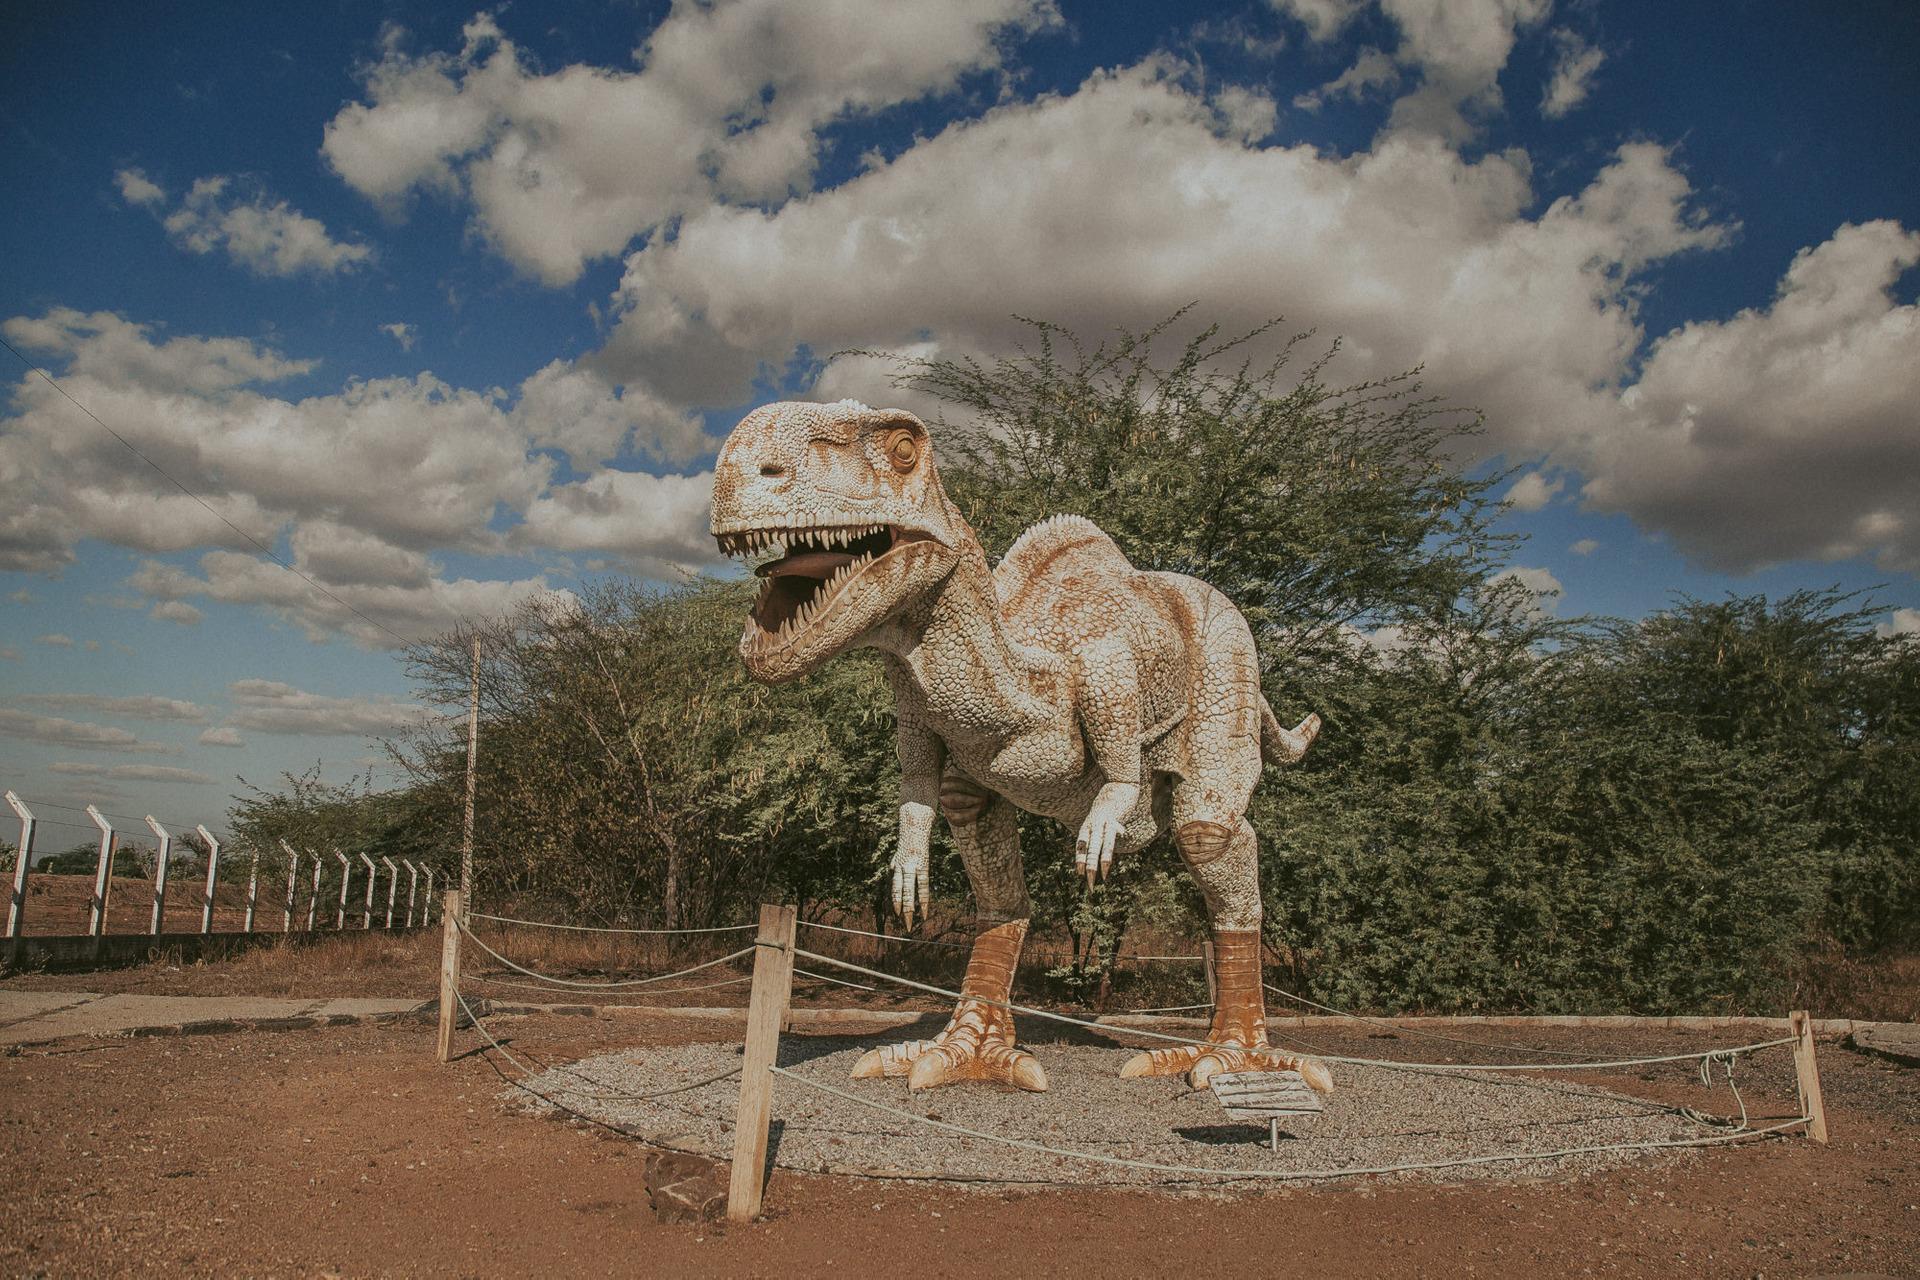 paraiba, vale dos dinossauros, sousa, sertao, dinossauros, fine art